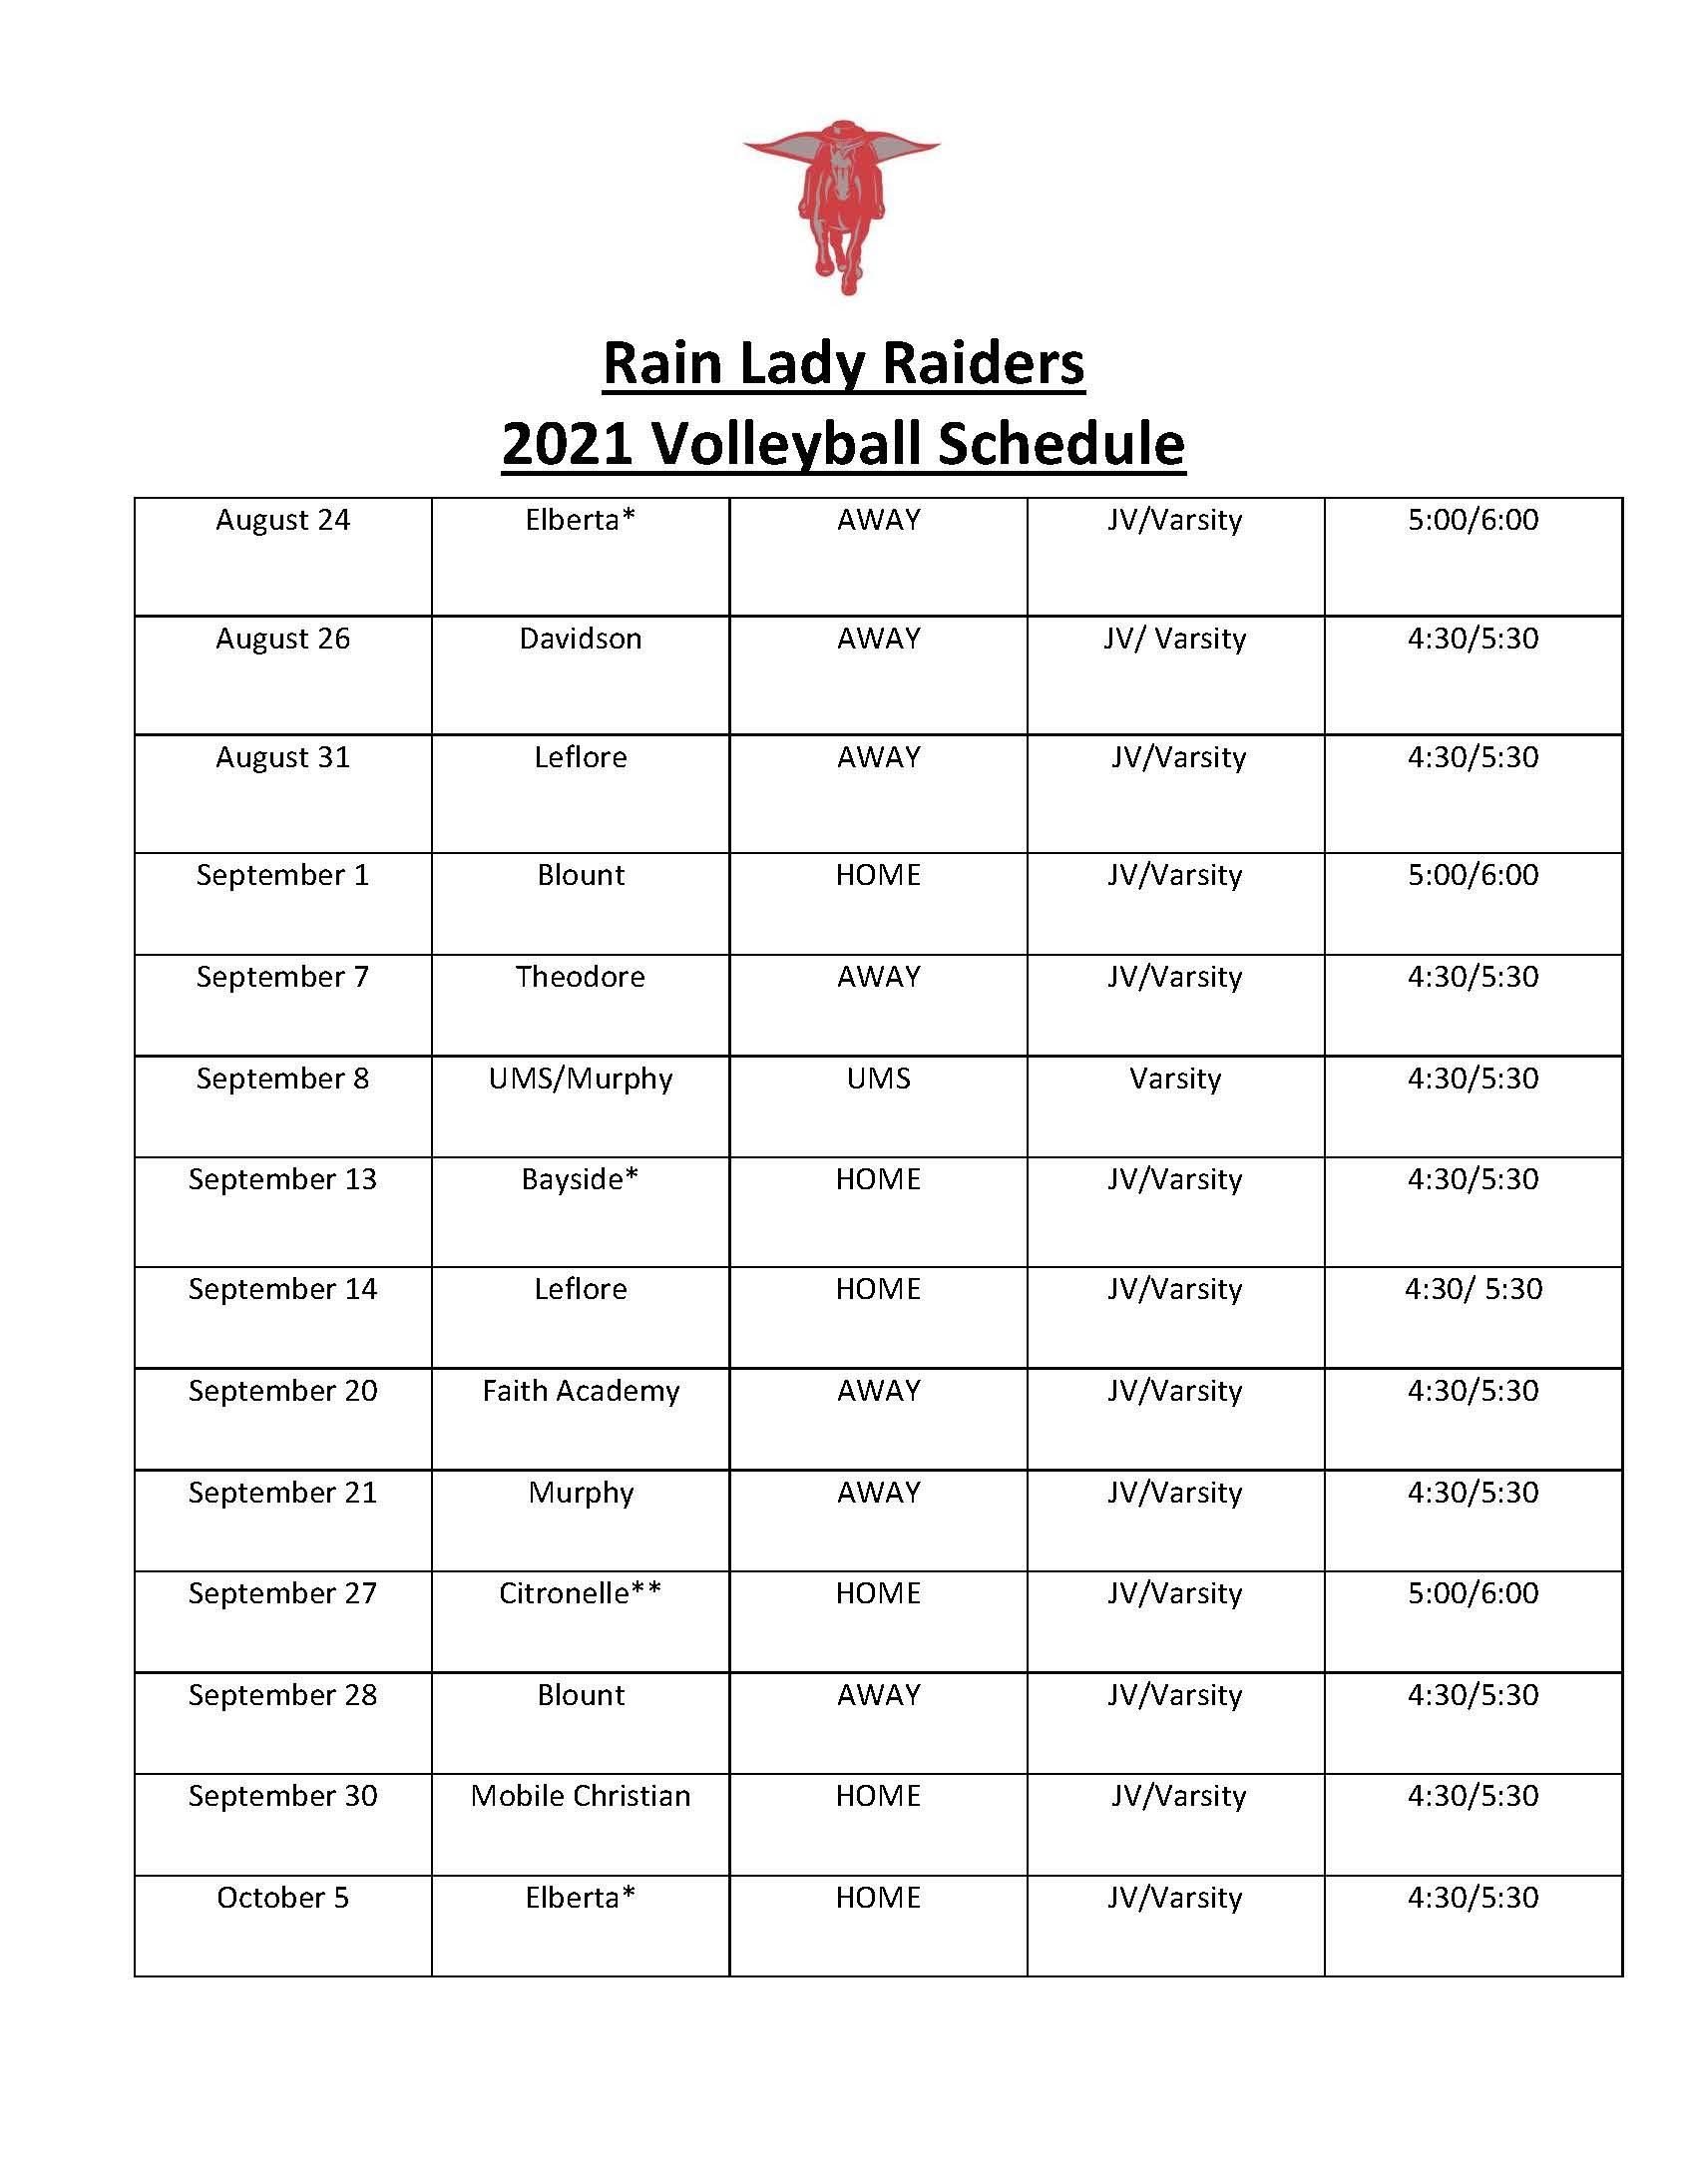 volleyball schedule 2021